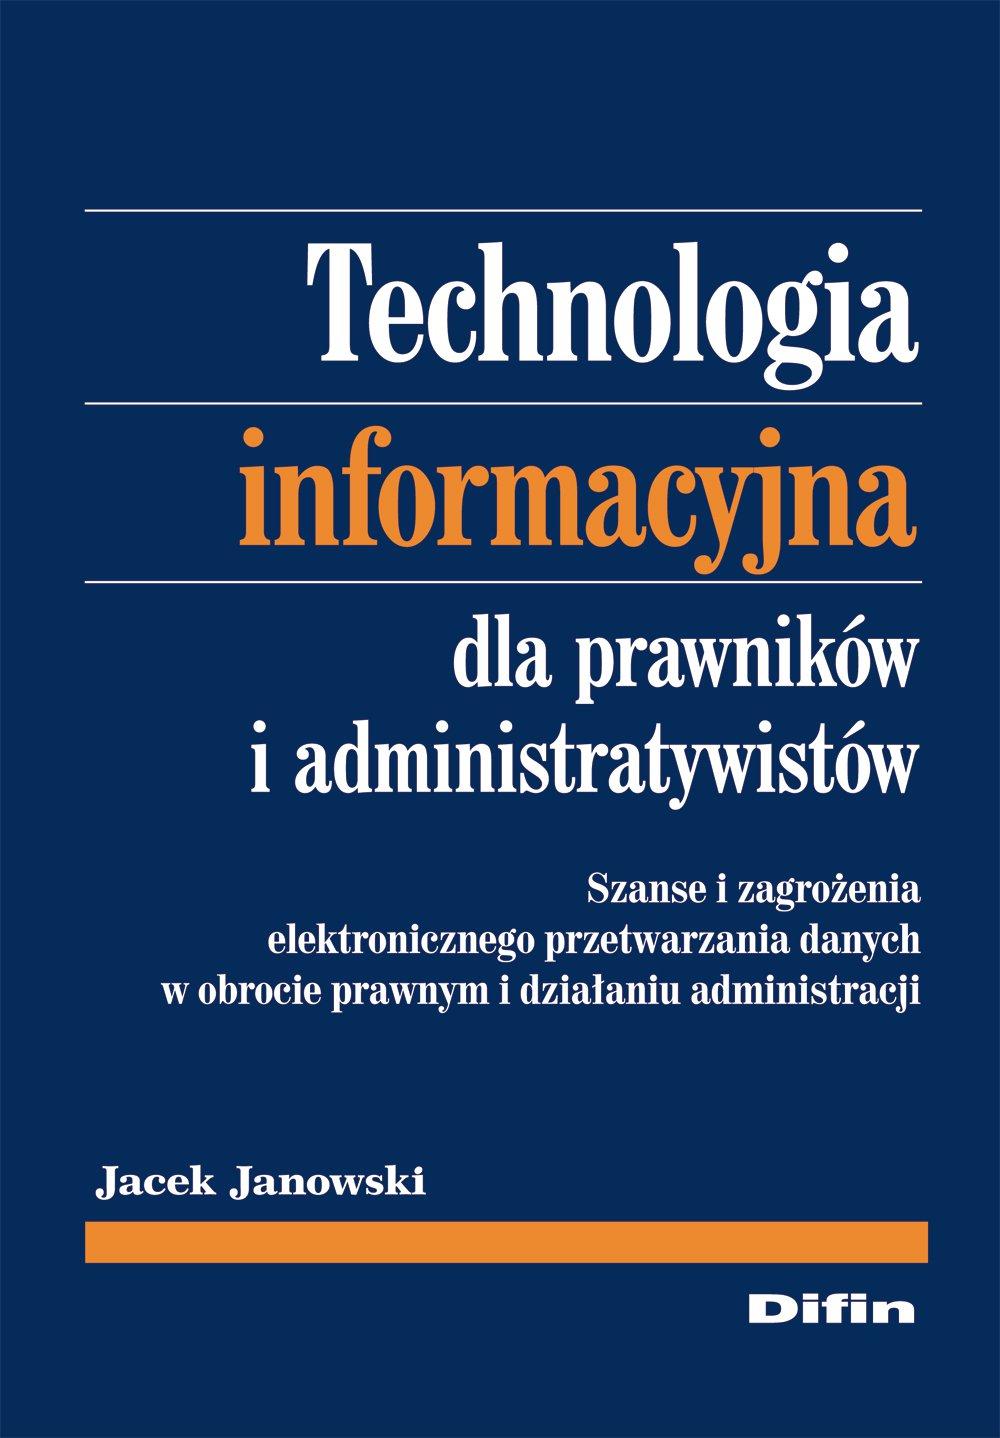 Technologia informacyjna dla prawników i administratywistów. Szanse i zagrożenia elektronicznego przetwarzania danych w obrocie prawnym i działaniu administracji - Ebook (Książka PDF) do pobrania w formacie PDF